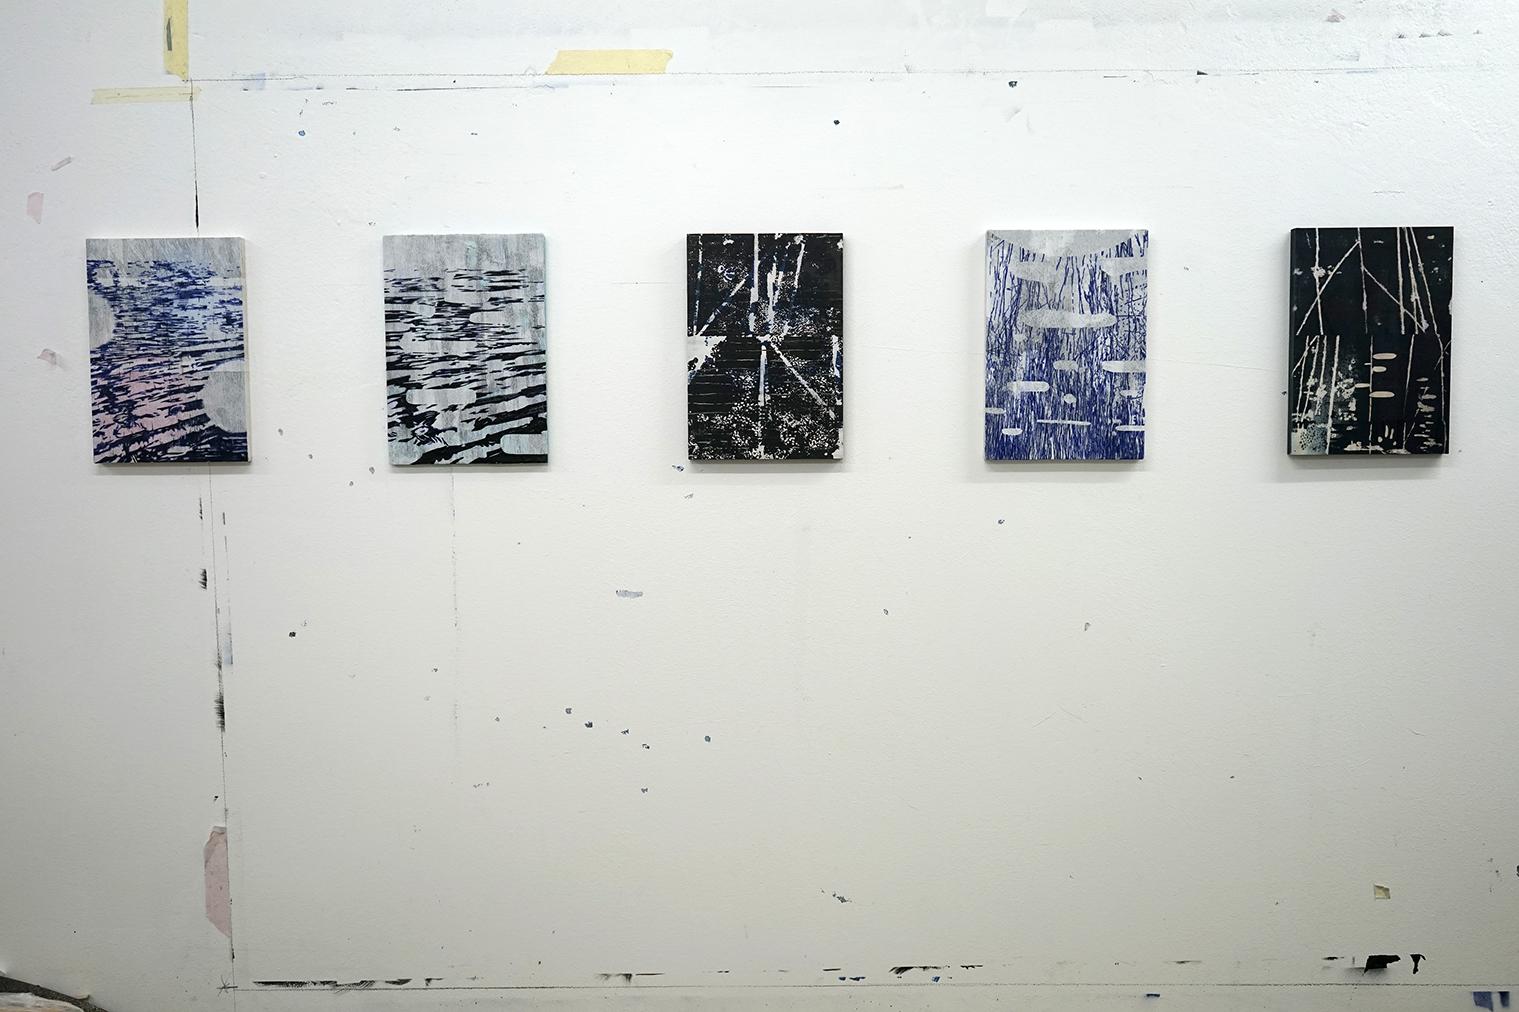 Studio view 1 - 'Waterscopies'